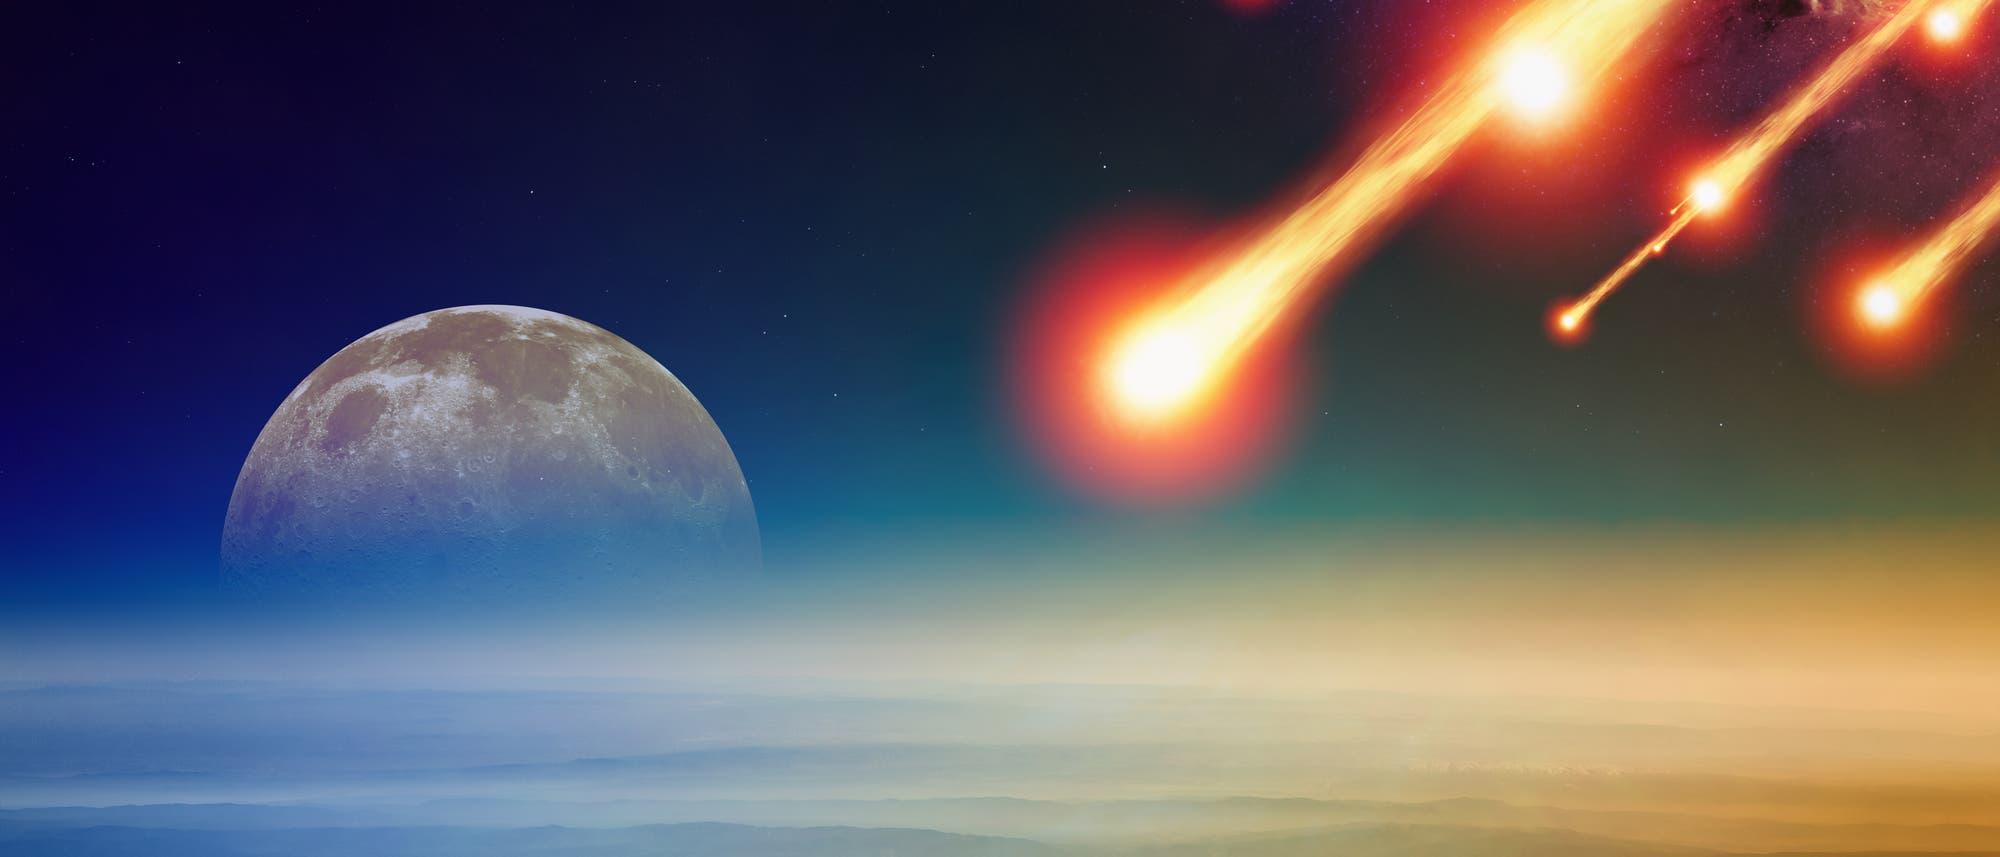 Mehrere Feuerkugeln hoch über einer Küste mit einem minimal zu großen Mond im Hintergrund. Eigentlich soll das ein Asteroideneinschlag sein, aber tatsächlich sieht das eher nach einem kontrollierten De-orbiting aus. Mit der kleinen Feinheit, dass das eigentlich nicht über Land passieren sollte.